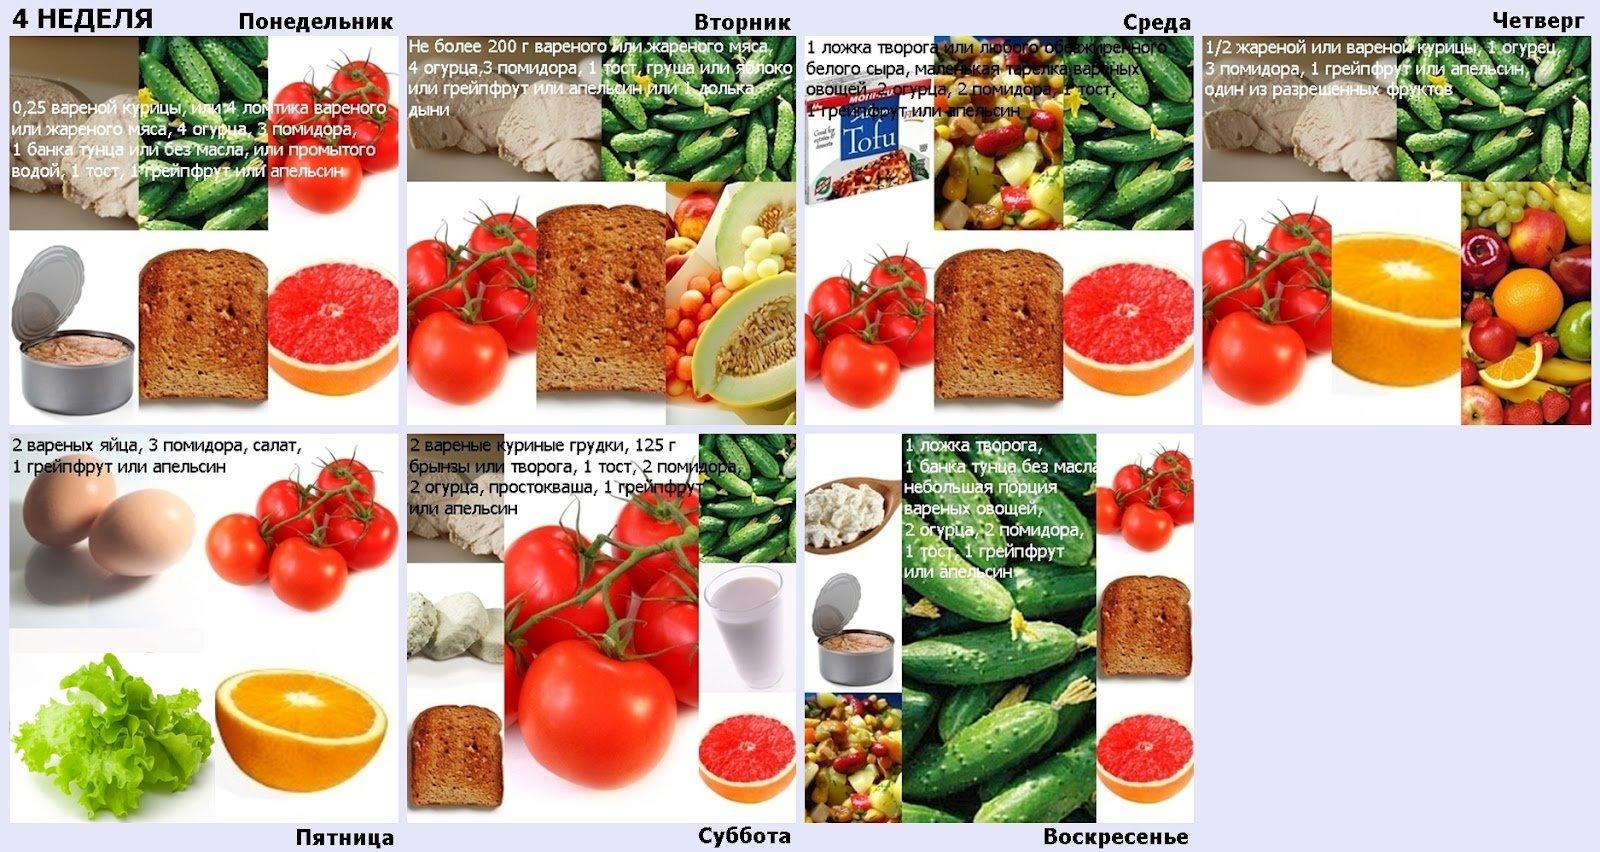 В химической диете чем можно заменить яйца